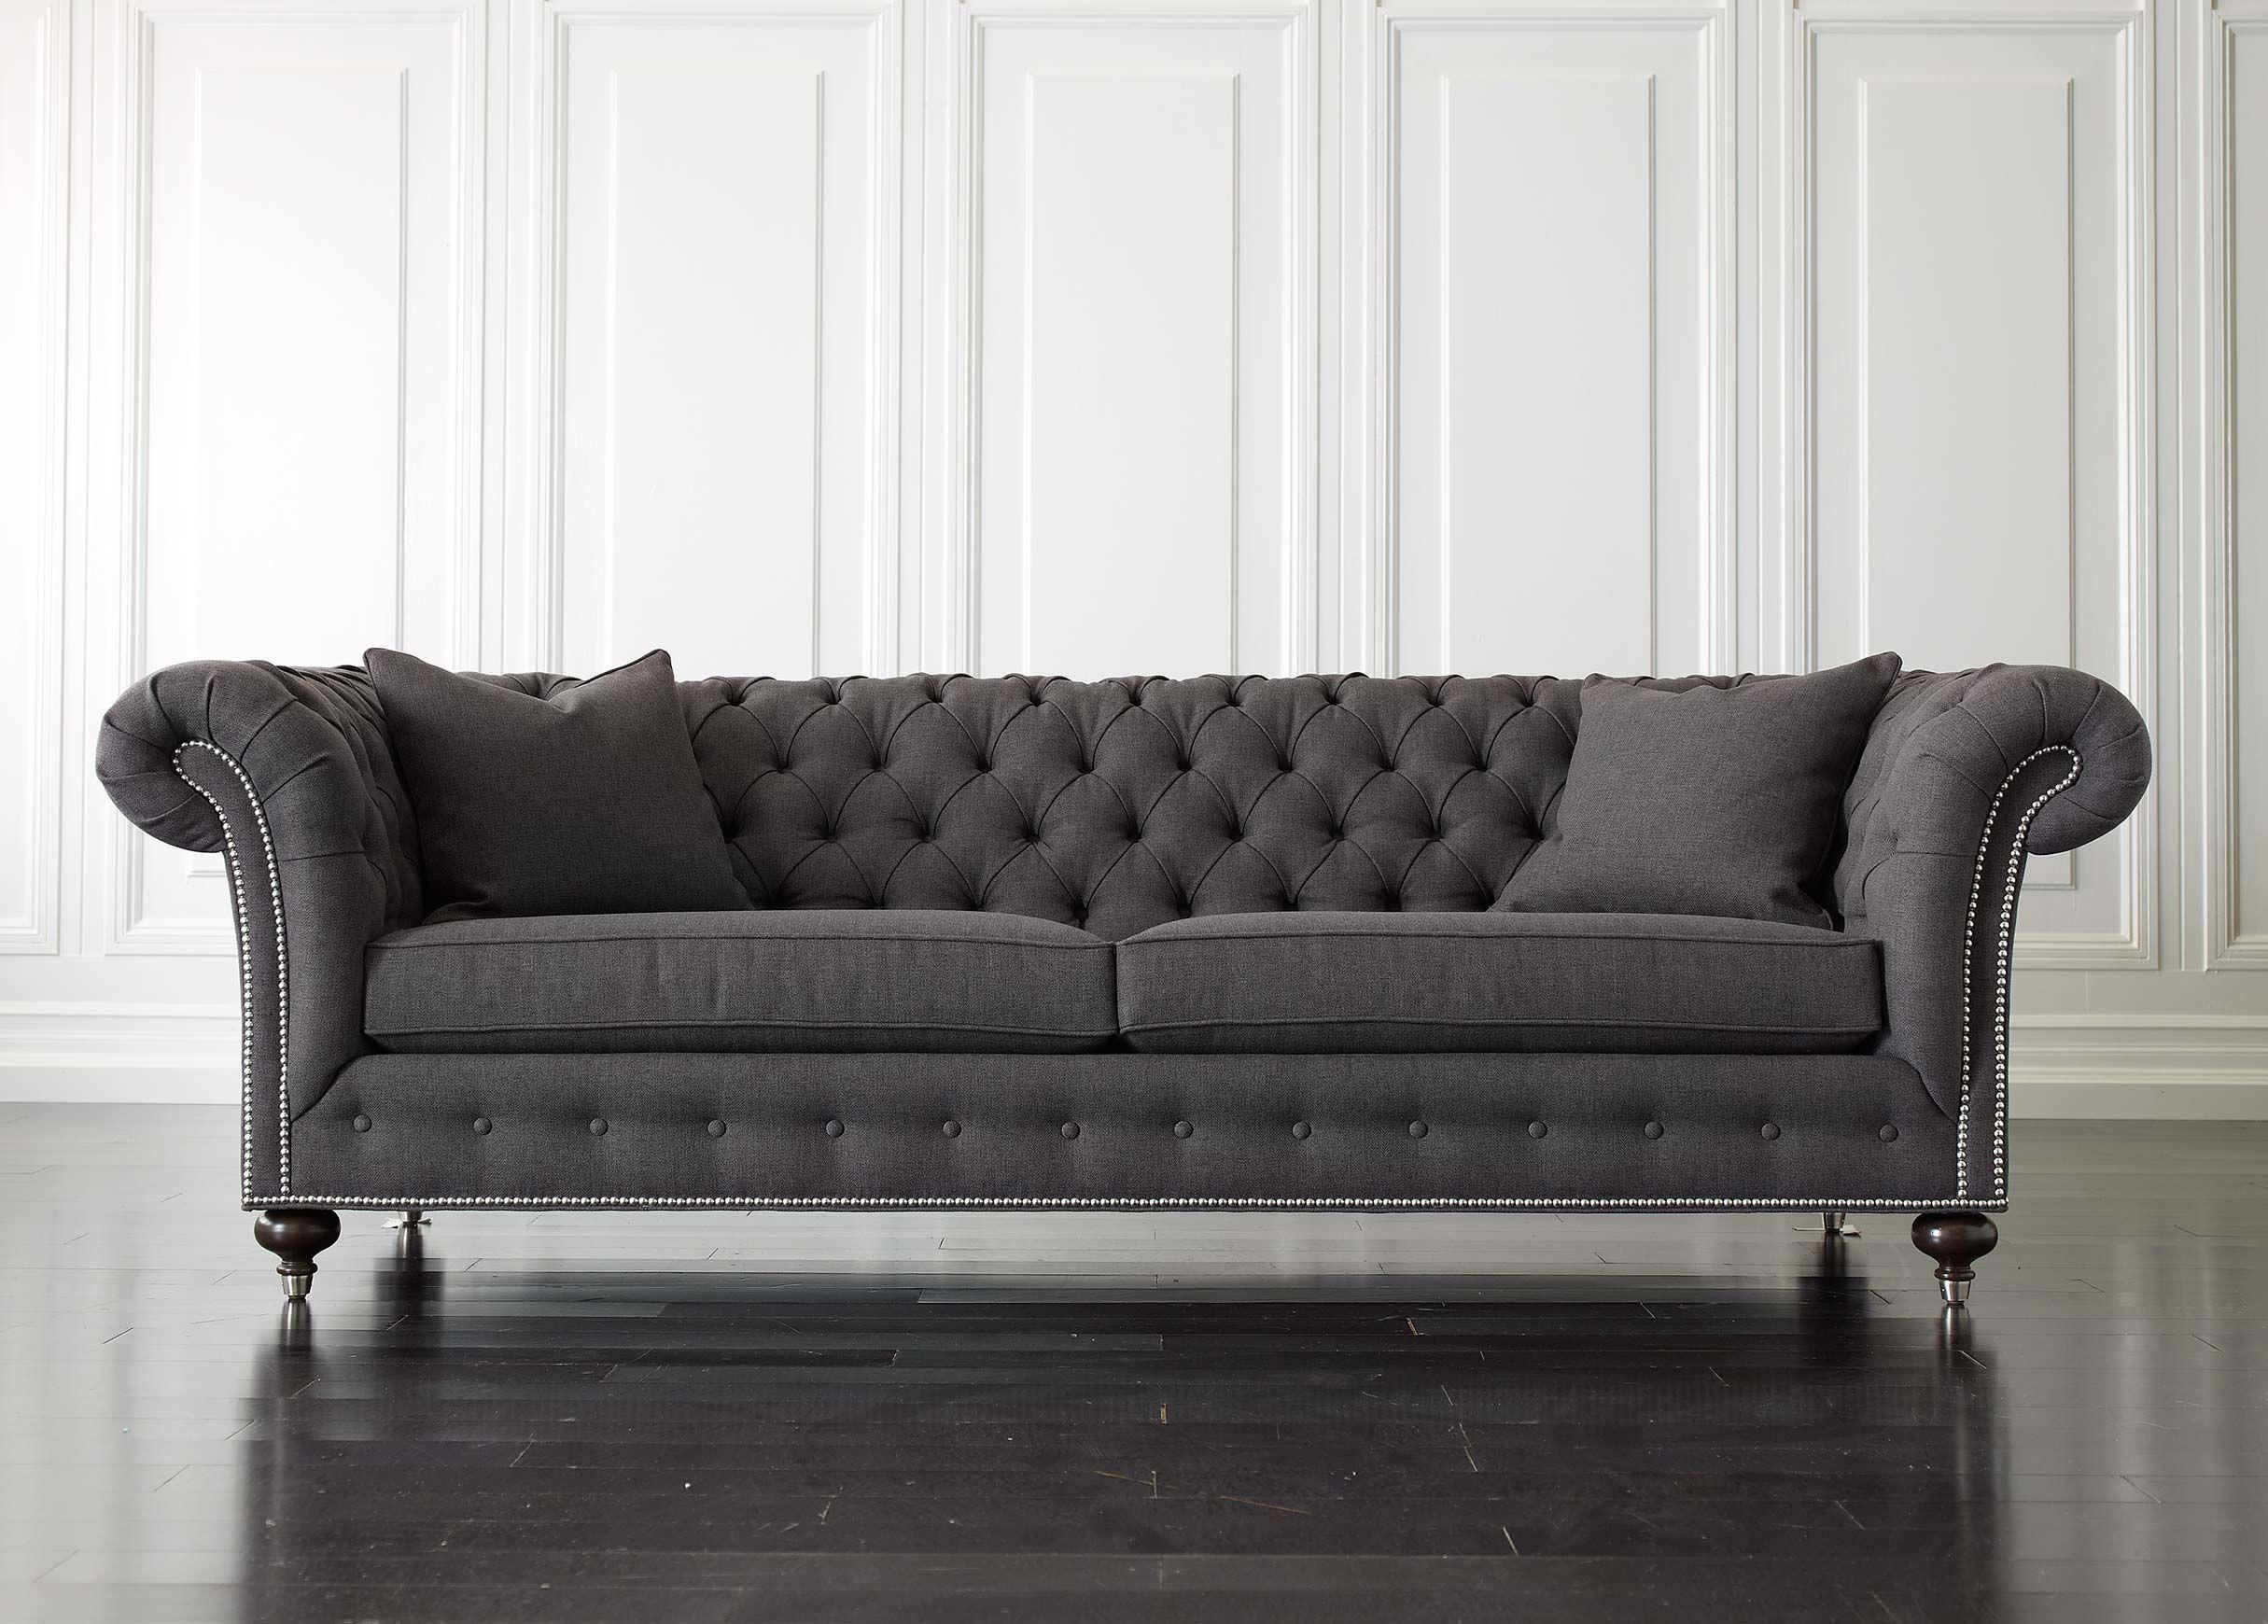 Sectional Sofa Mansfield Sofas mturkmani vienna ethanllen